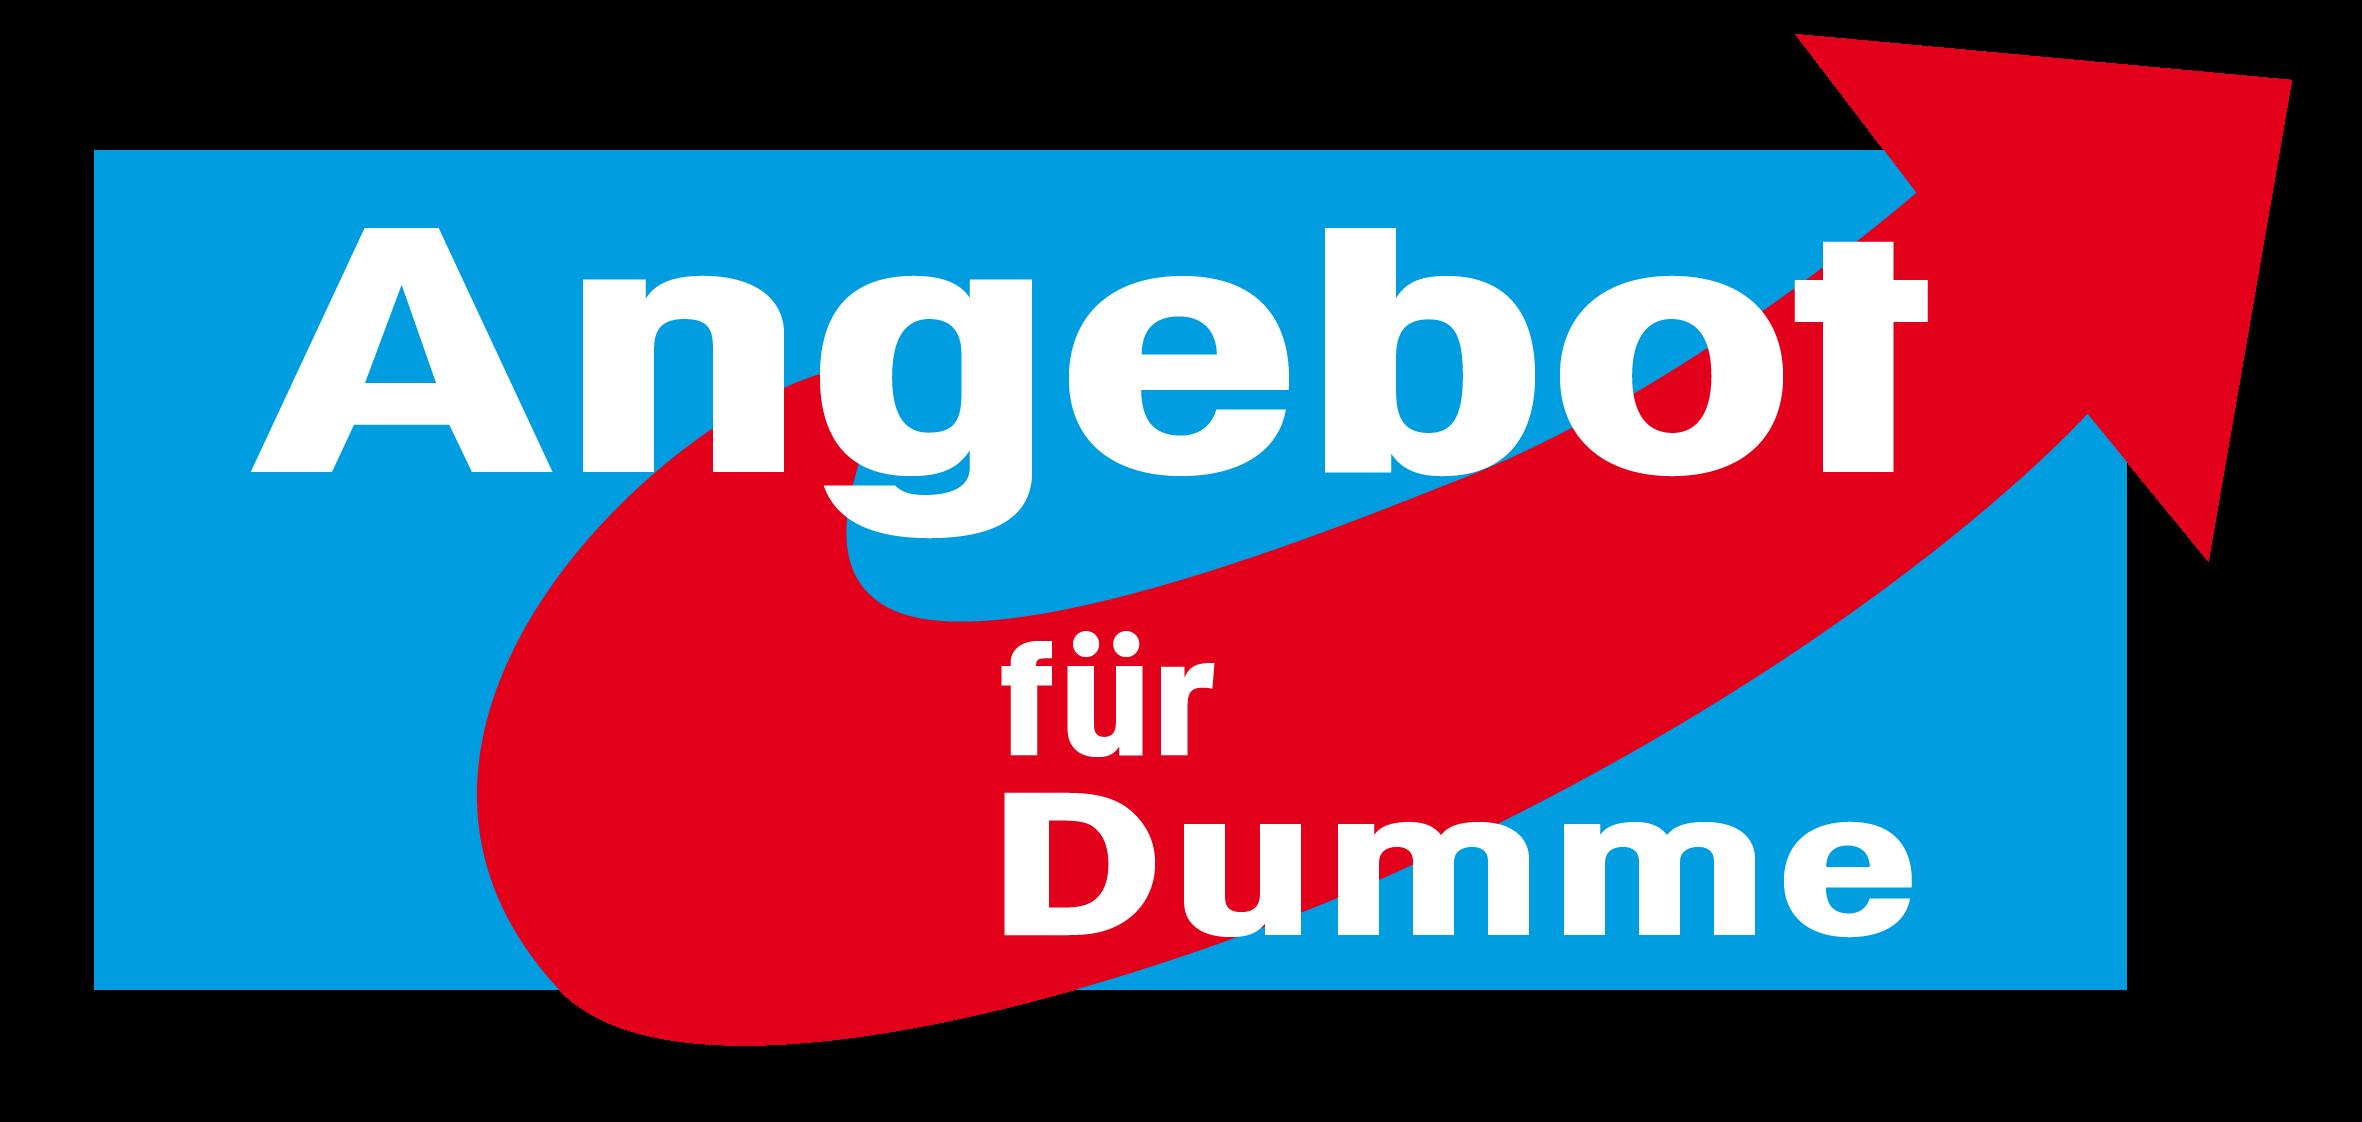 Logo_Alternative_fuer_Deutschland_alias_Angebot_fuer_Dumme-01